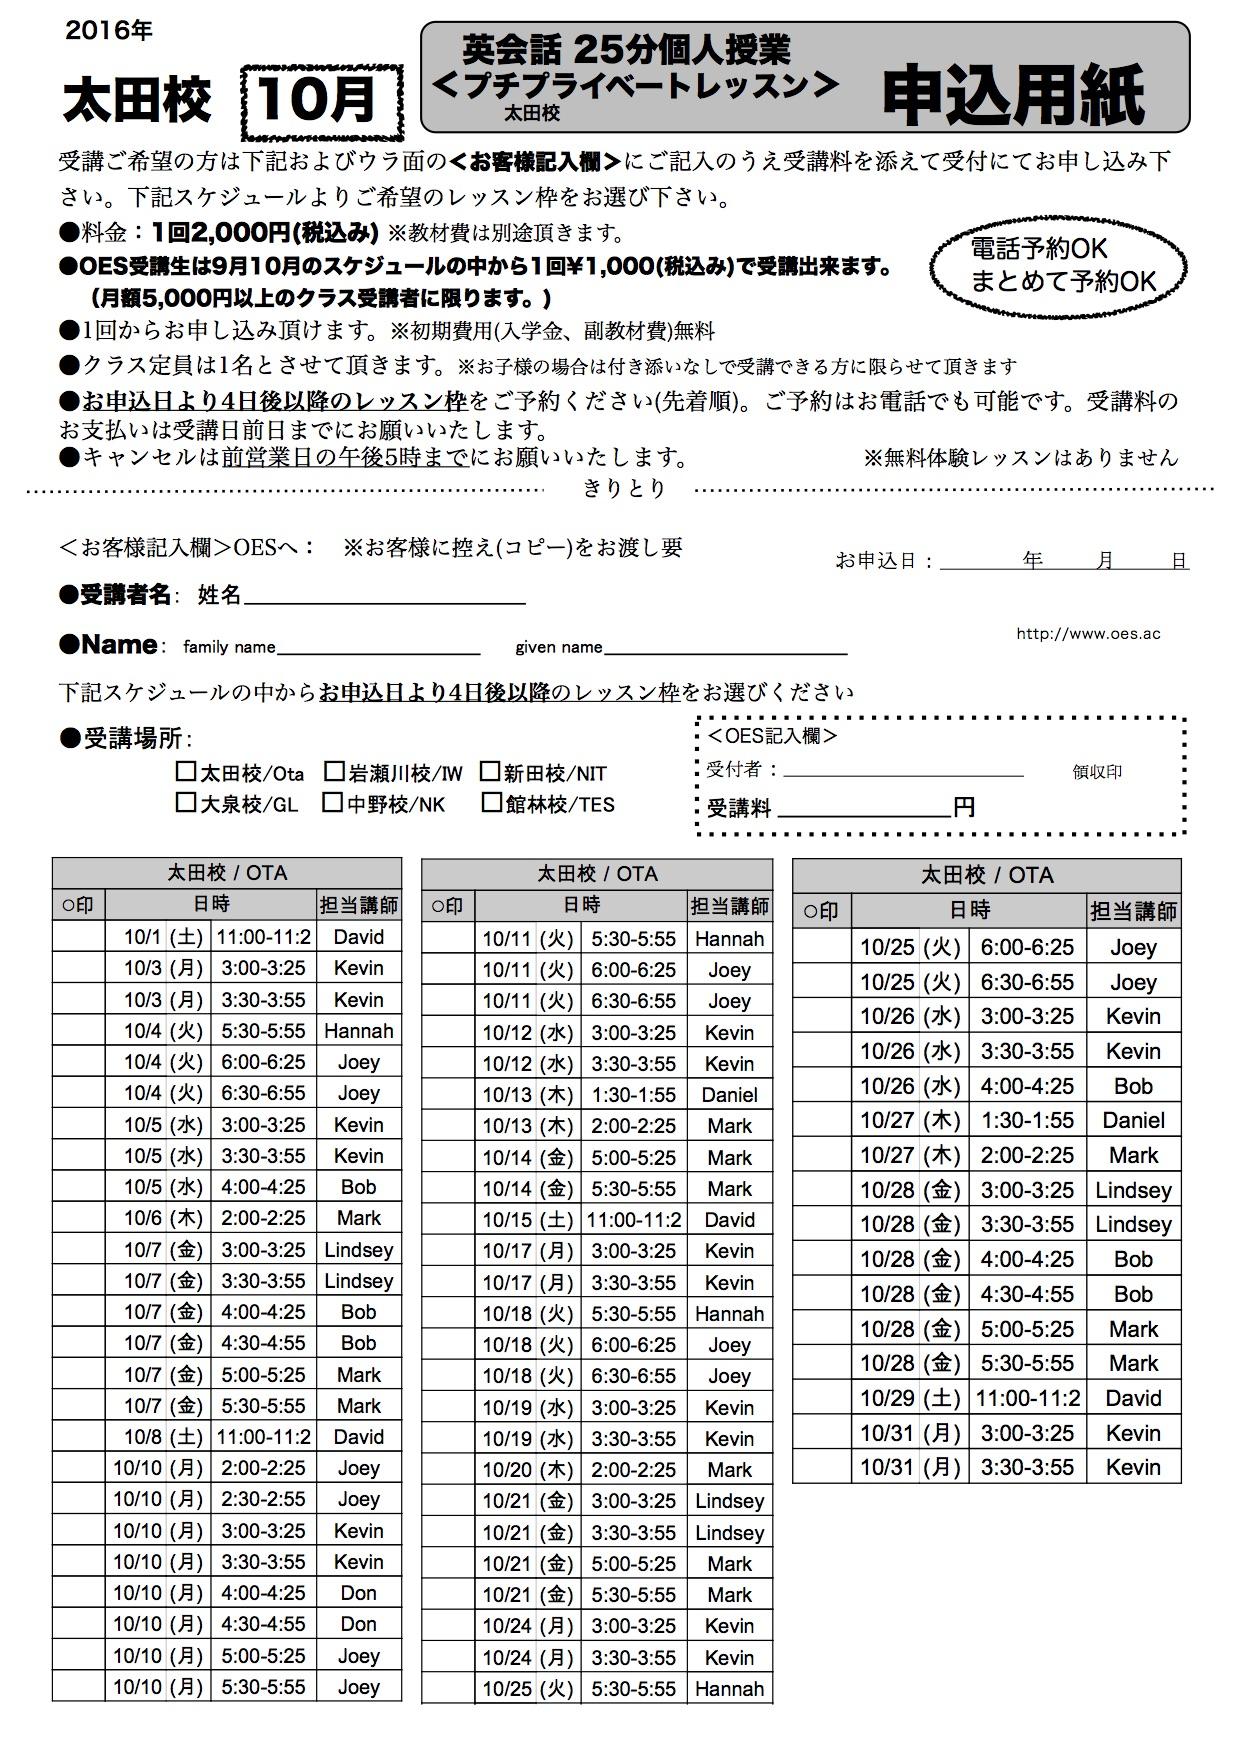 10月太田校プチプラ申込用紙